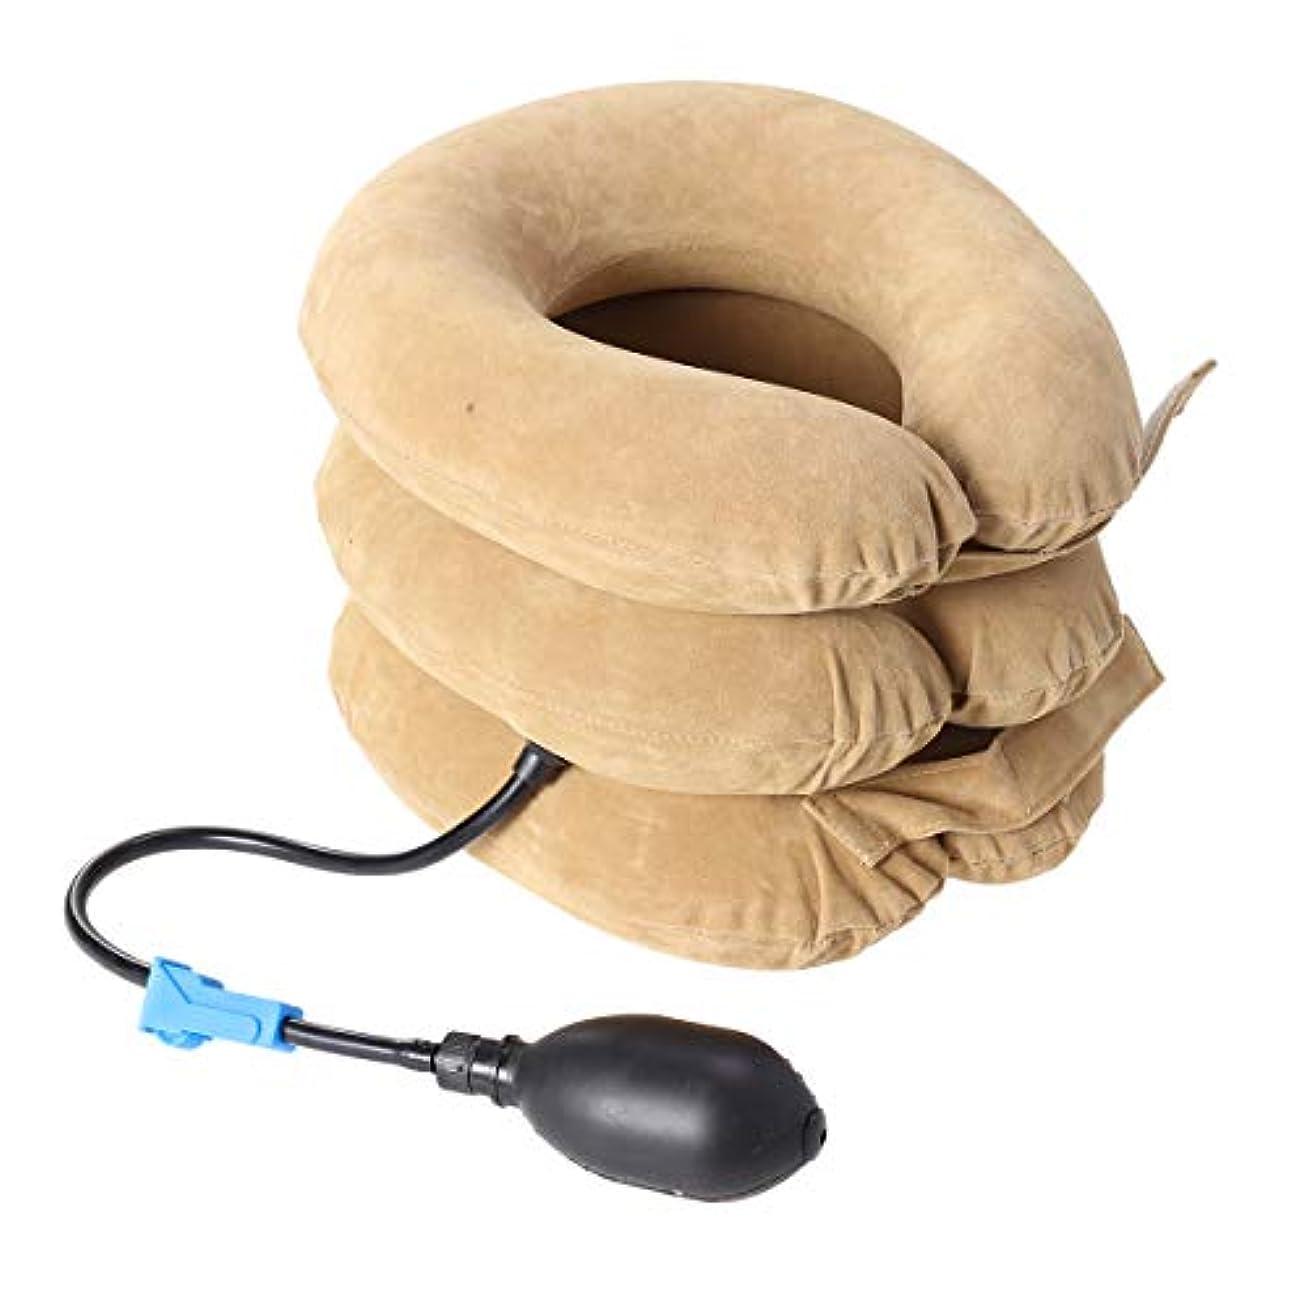 パッチ出口物理的なポンプ首のマッサージャーが付いている膨脹可能な頚部首の牽引つばの三層の装具の椎骨サポートベルト